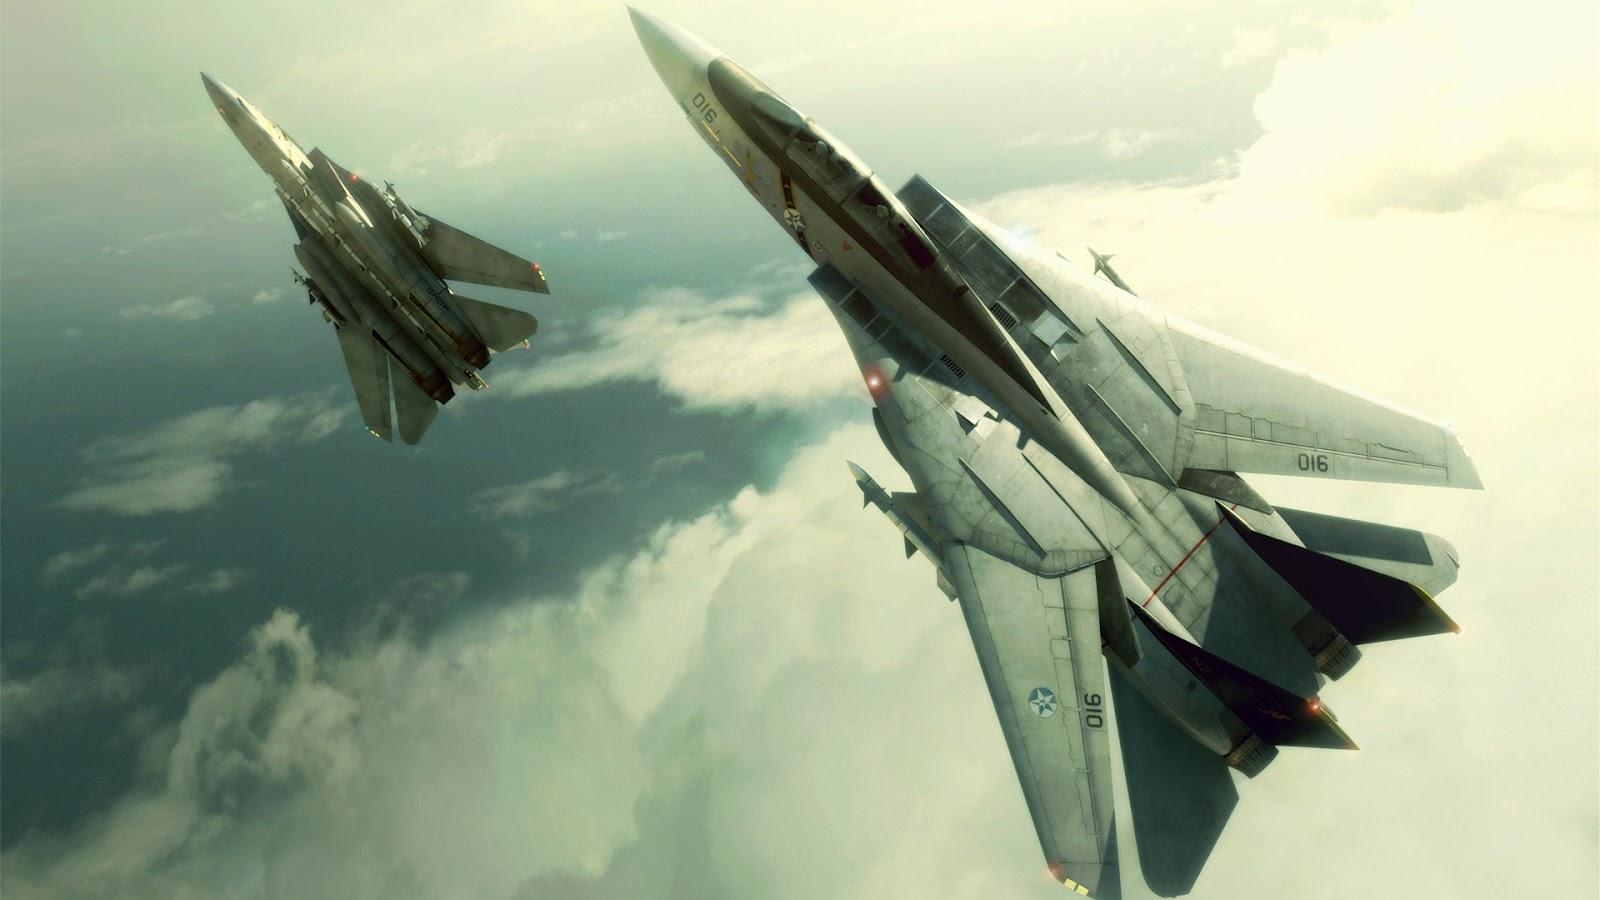 http://2.bp.blogspot.com/-Lt5cBdMqx-0/UCPInJH7VwI/AAAAAAAACnw/9NJCQpx3sTg/s1600/aircraft-games-ace-combat-planes-f-14-tomcat-1920x1080-wallpaper.jpg